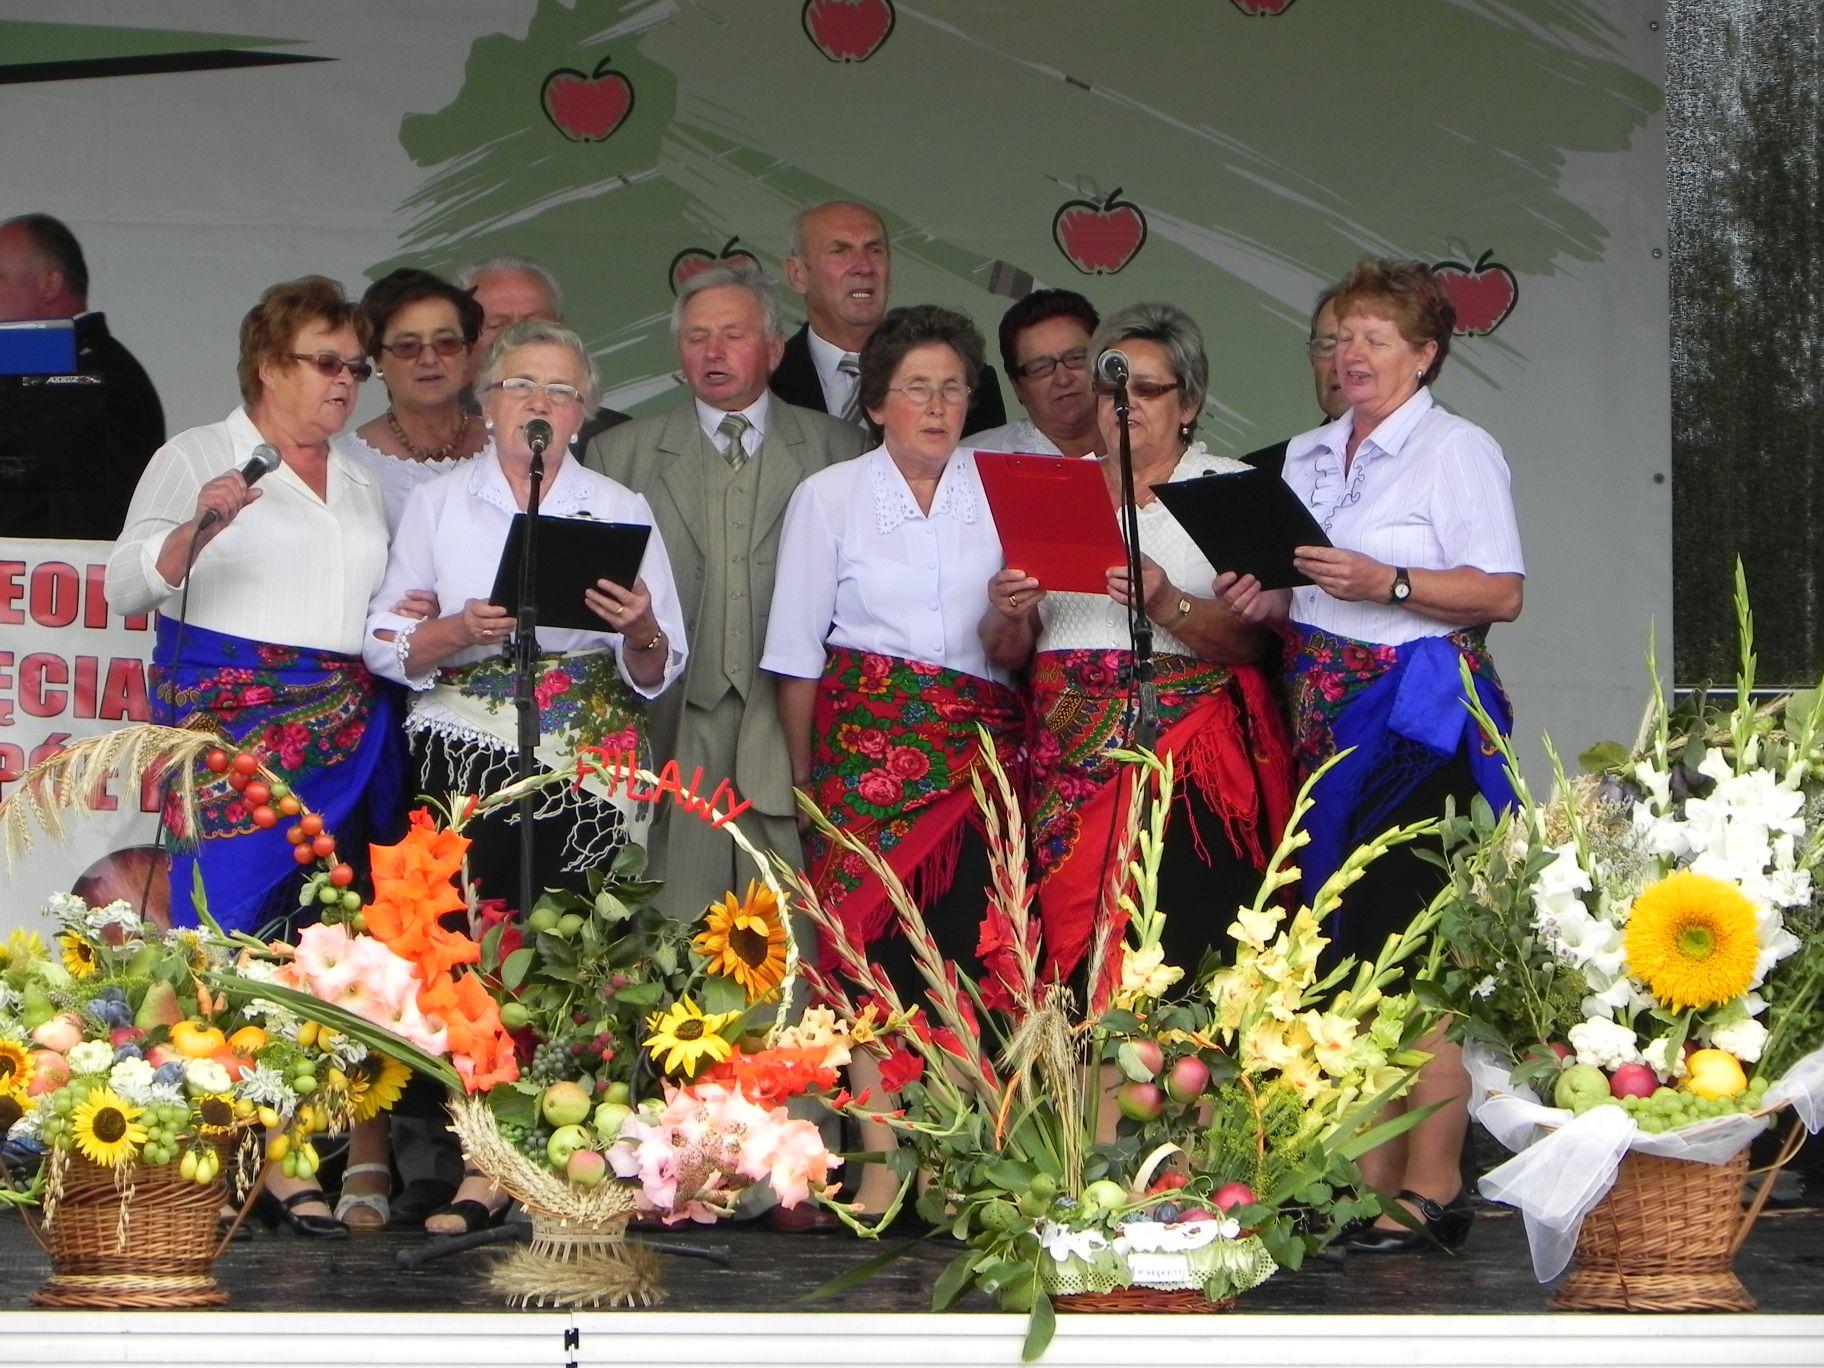 2012-08-16 Sadkowice - dożynki (64)